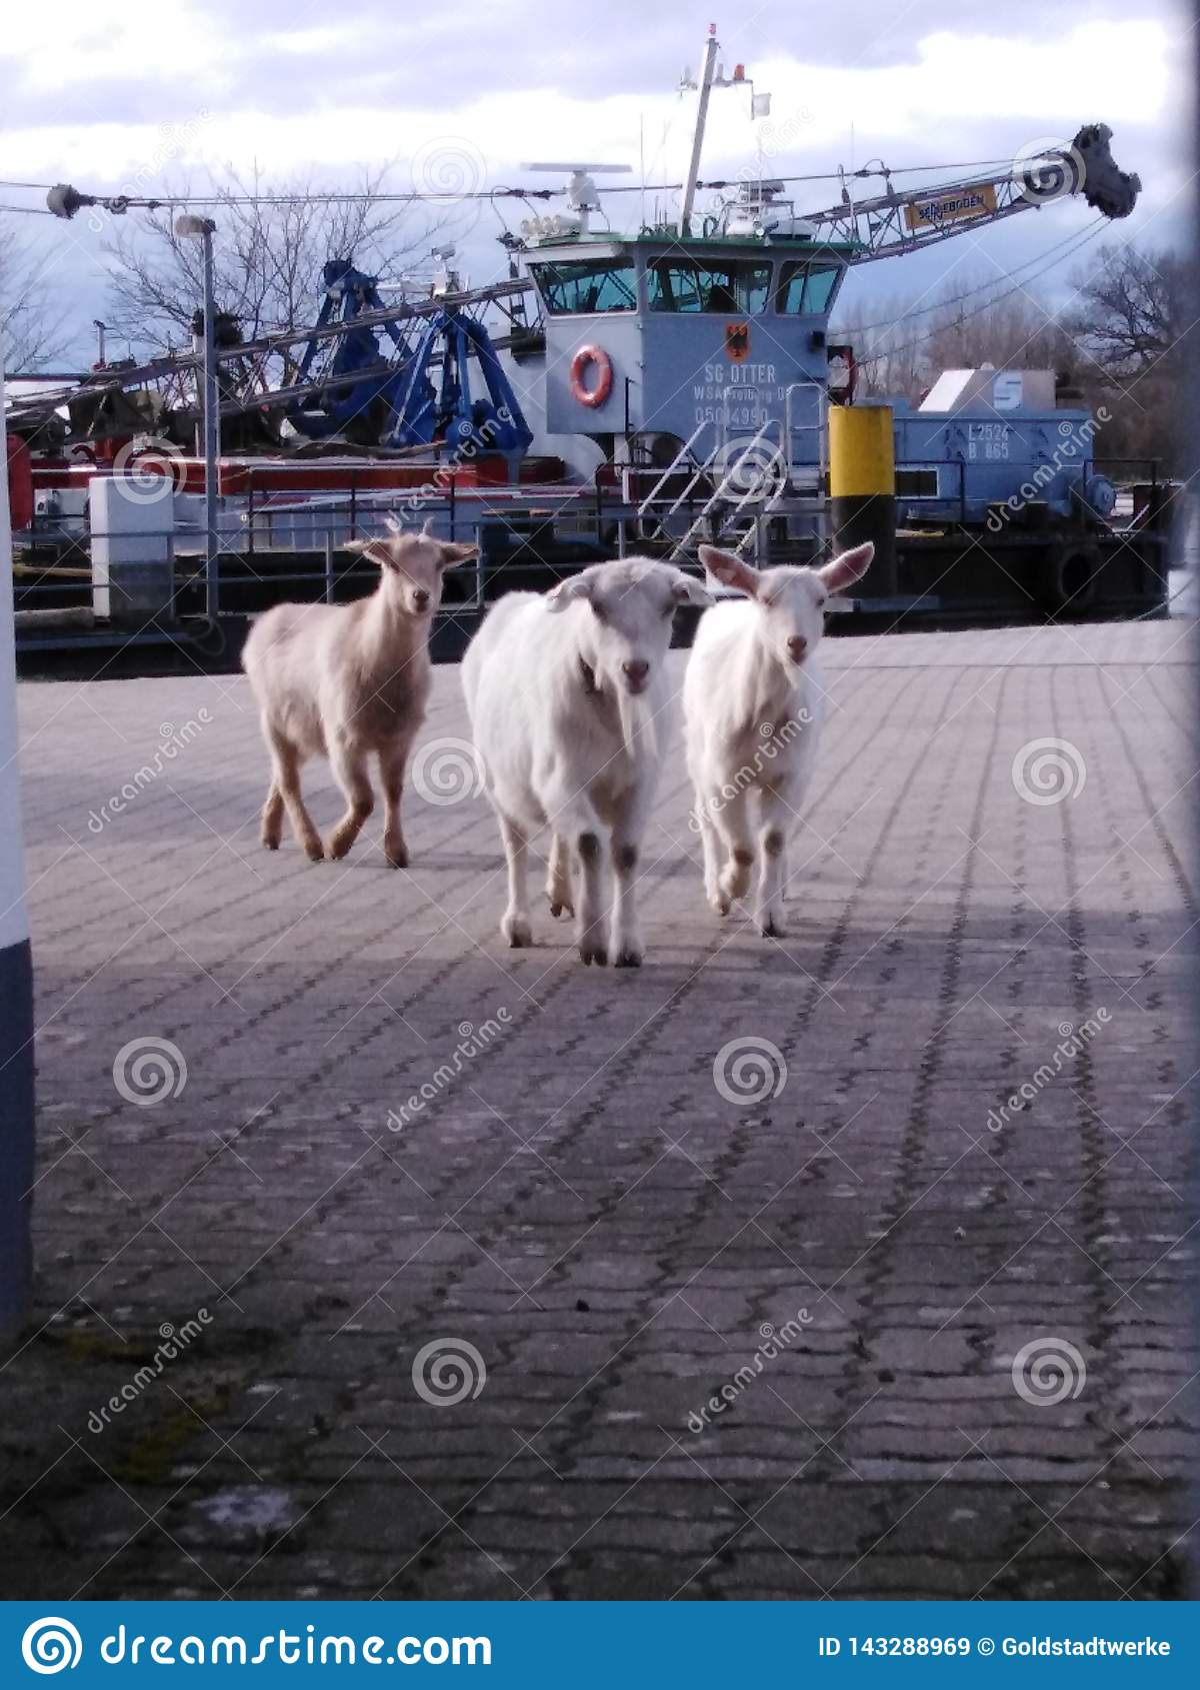 Goats on tour